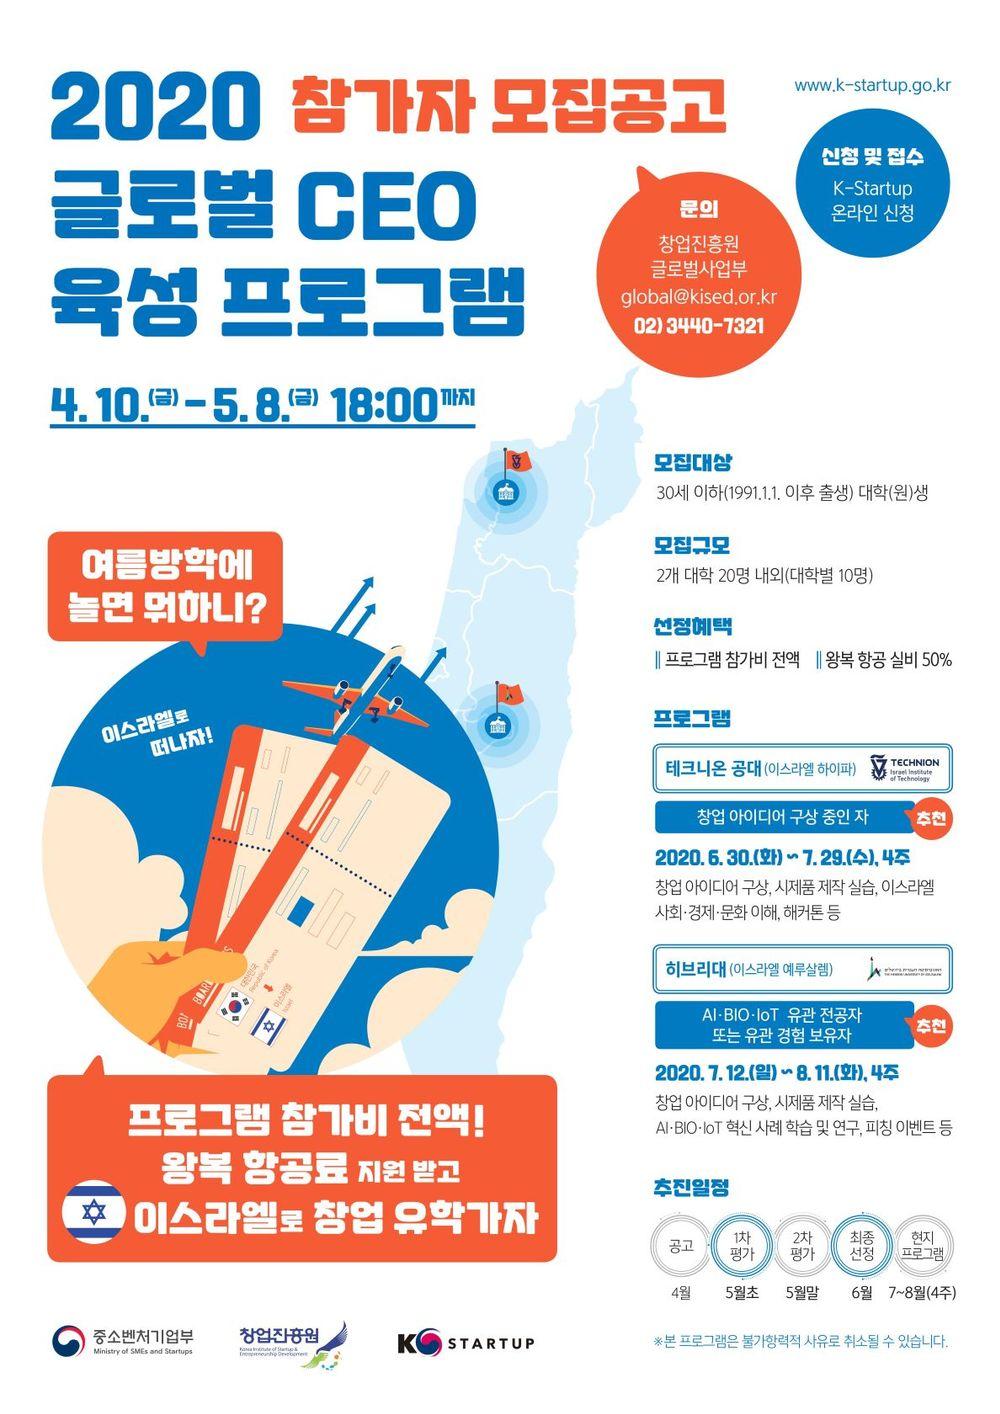 (붙임) 2020 글로벌 CEO 육성 프로그램 참가자 모집공고 홍보 포스터.jpg